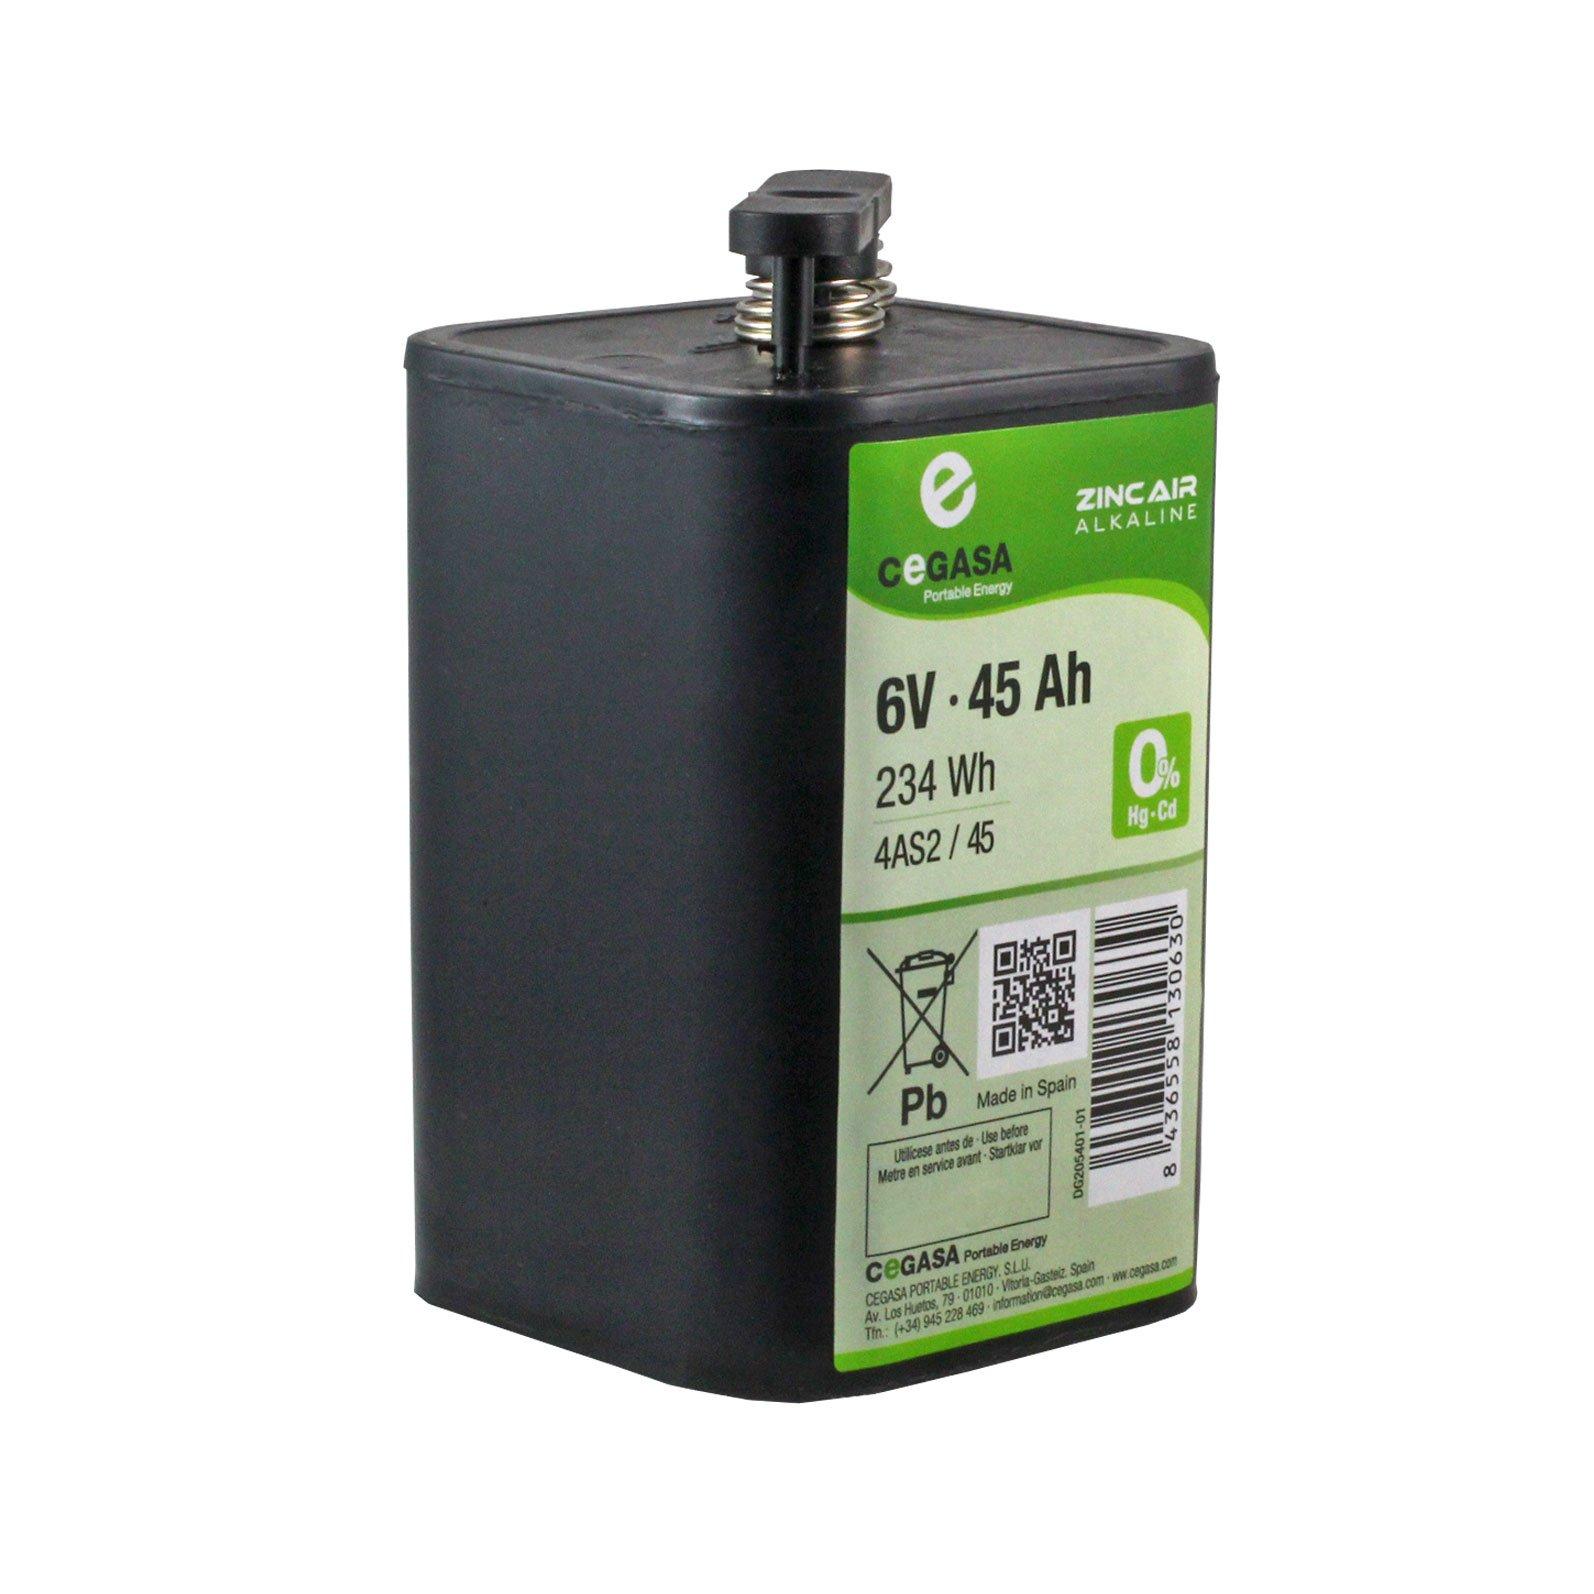 6 Volt 45 Ah Zinc Air Alkaline Battery Batterymart Com